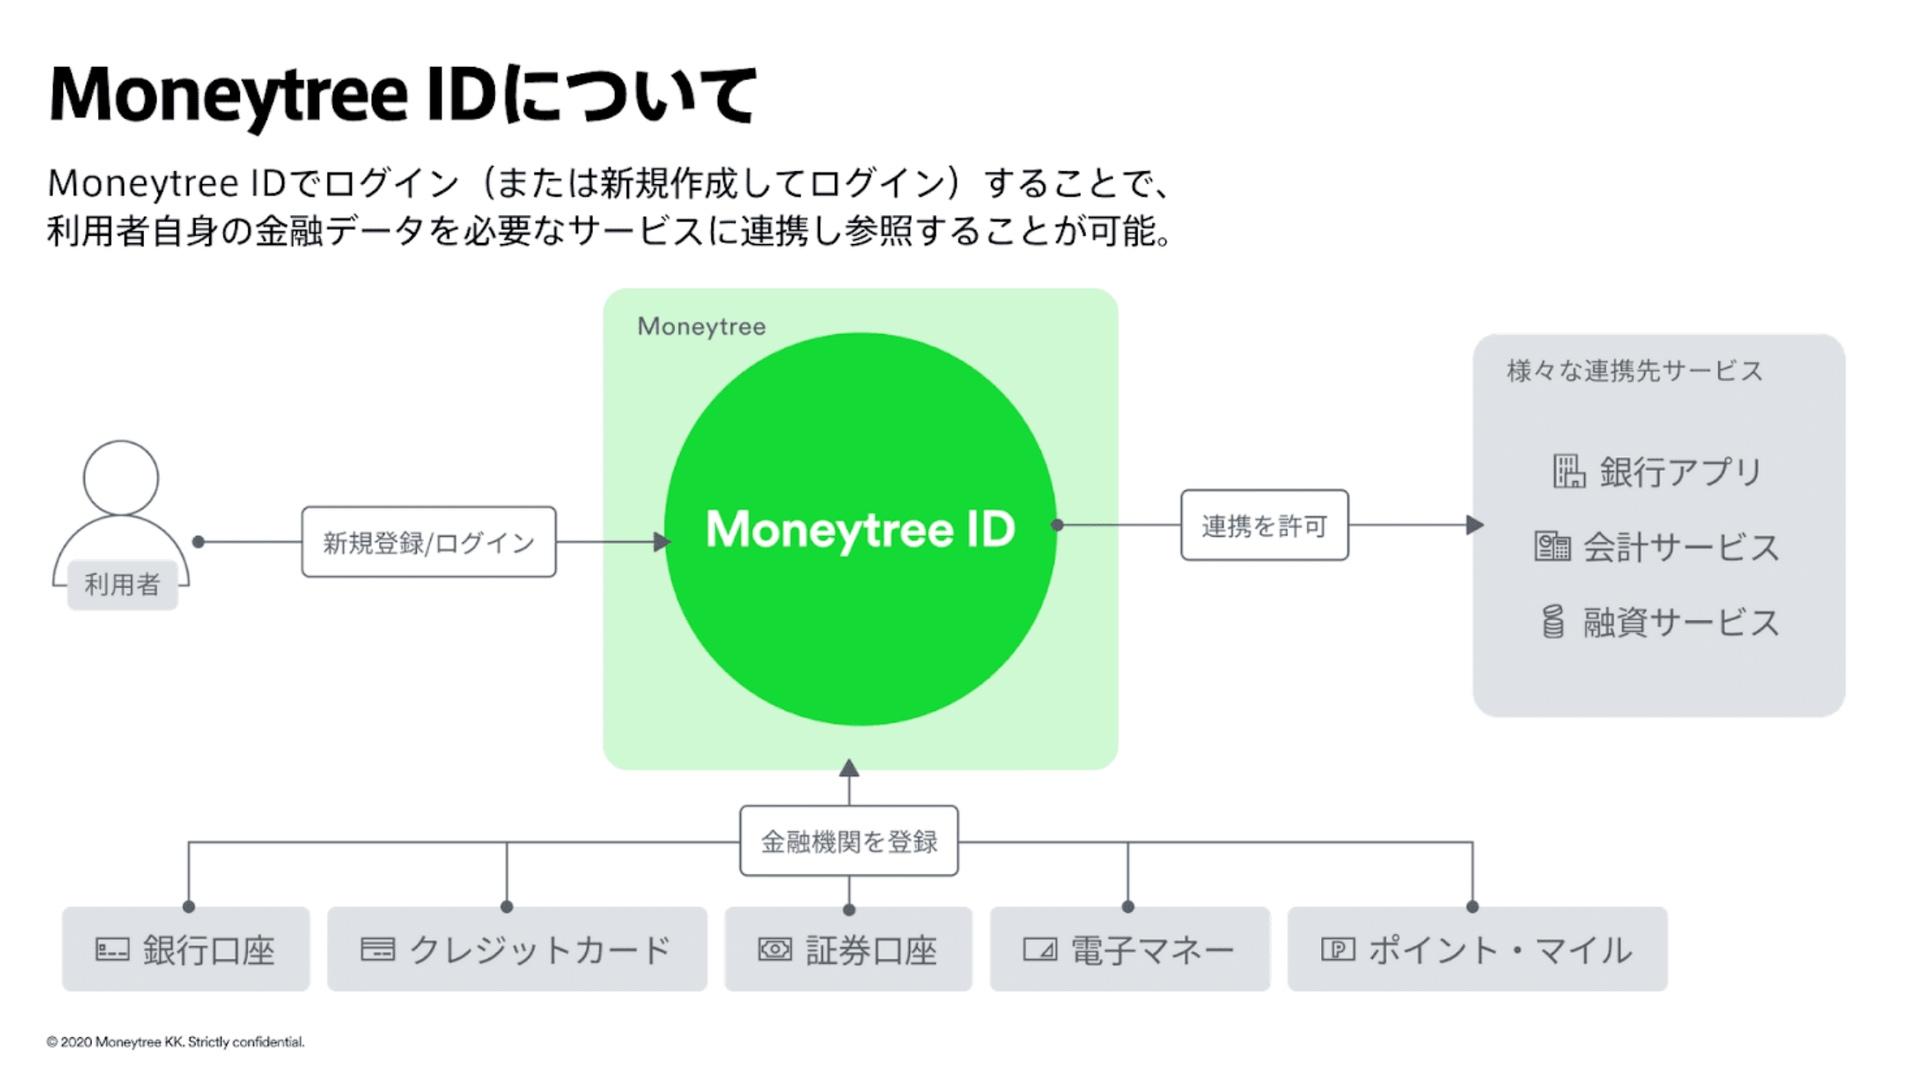 MoneytreeのMoneytree IDについての説明。Moneytree IDでログインすることで、利用者自身の金融データを必要なサービスに連携し参照することが可能。